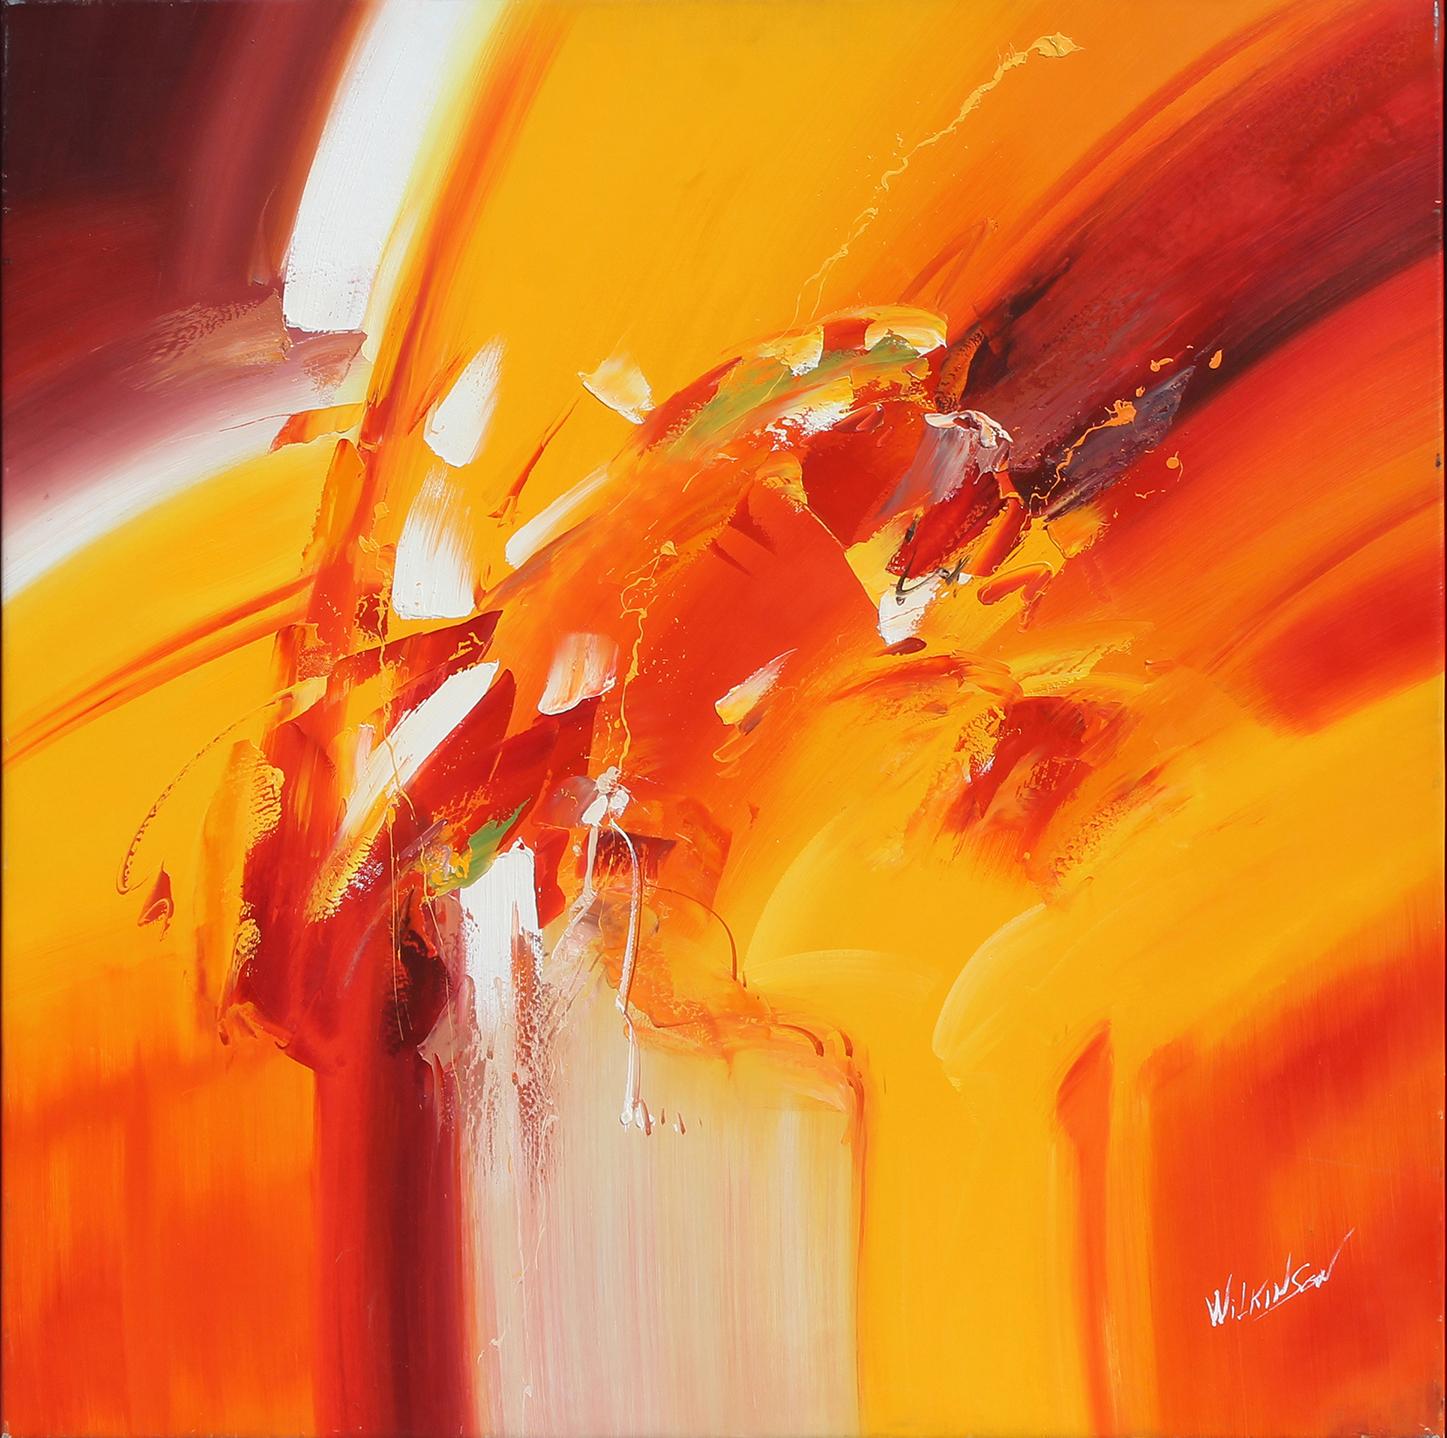 Tableau Peinture Wilkinson,Jusqu À 63% Moins